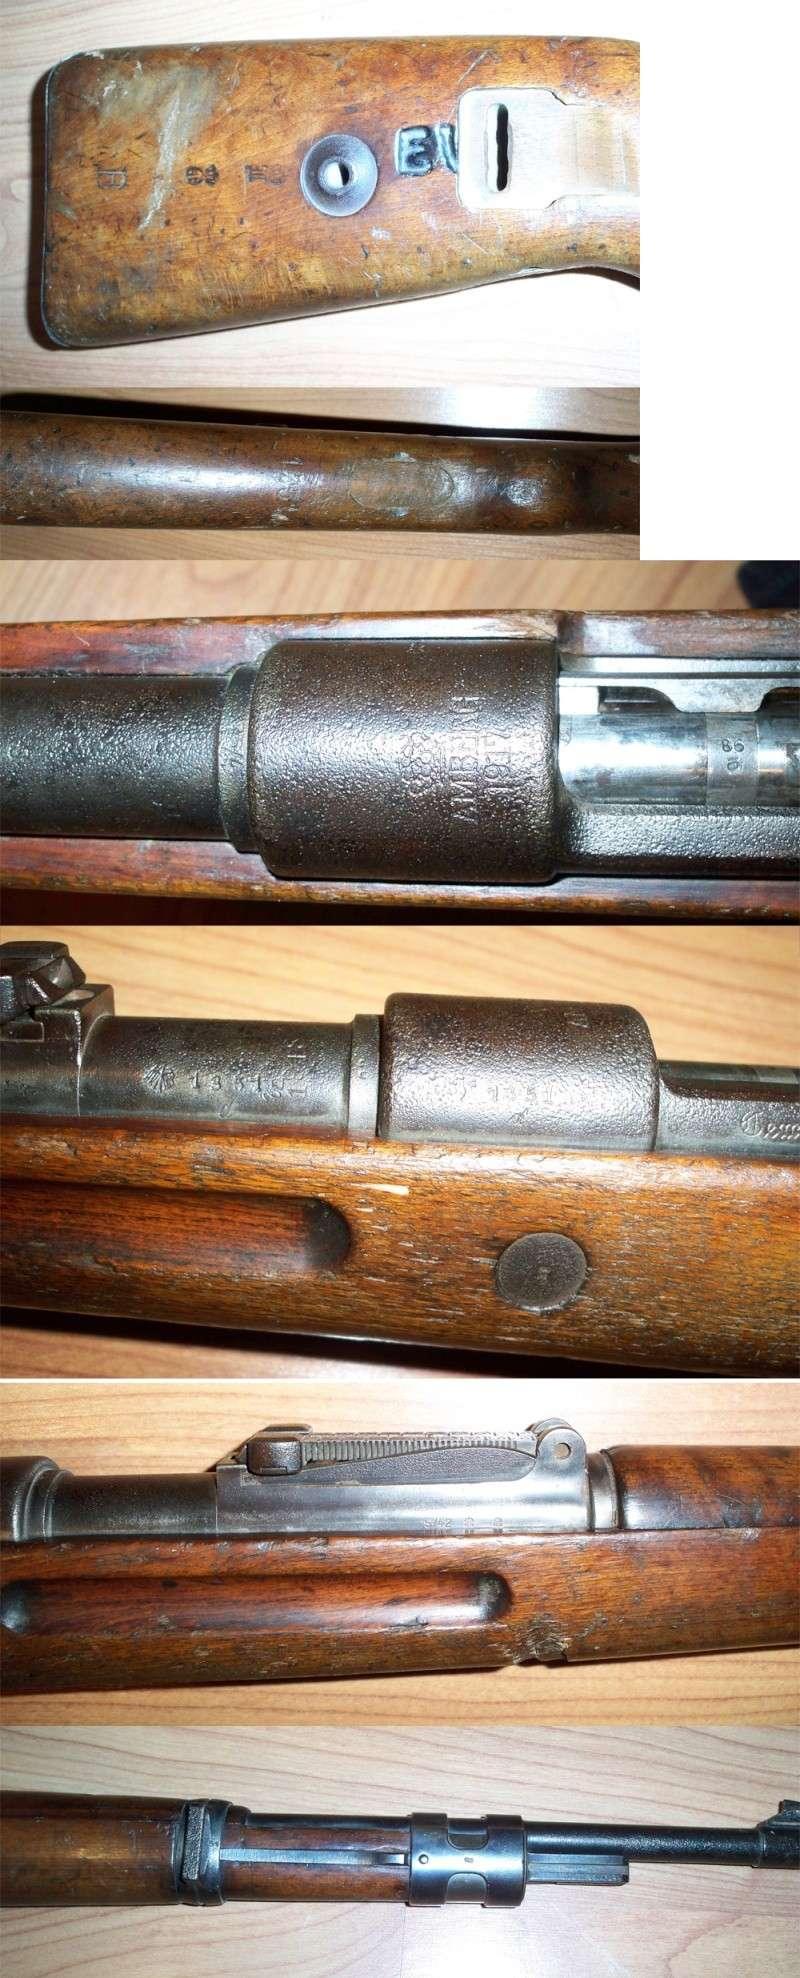 G98 amberg 1917 ex EWB 21110